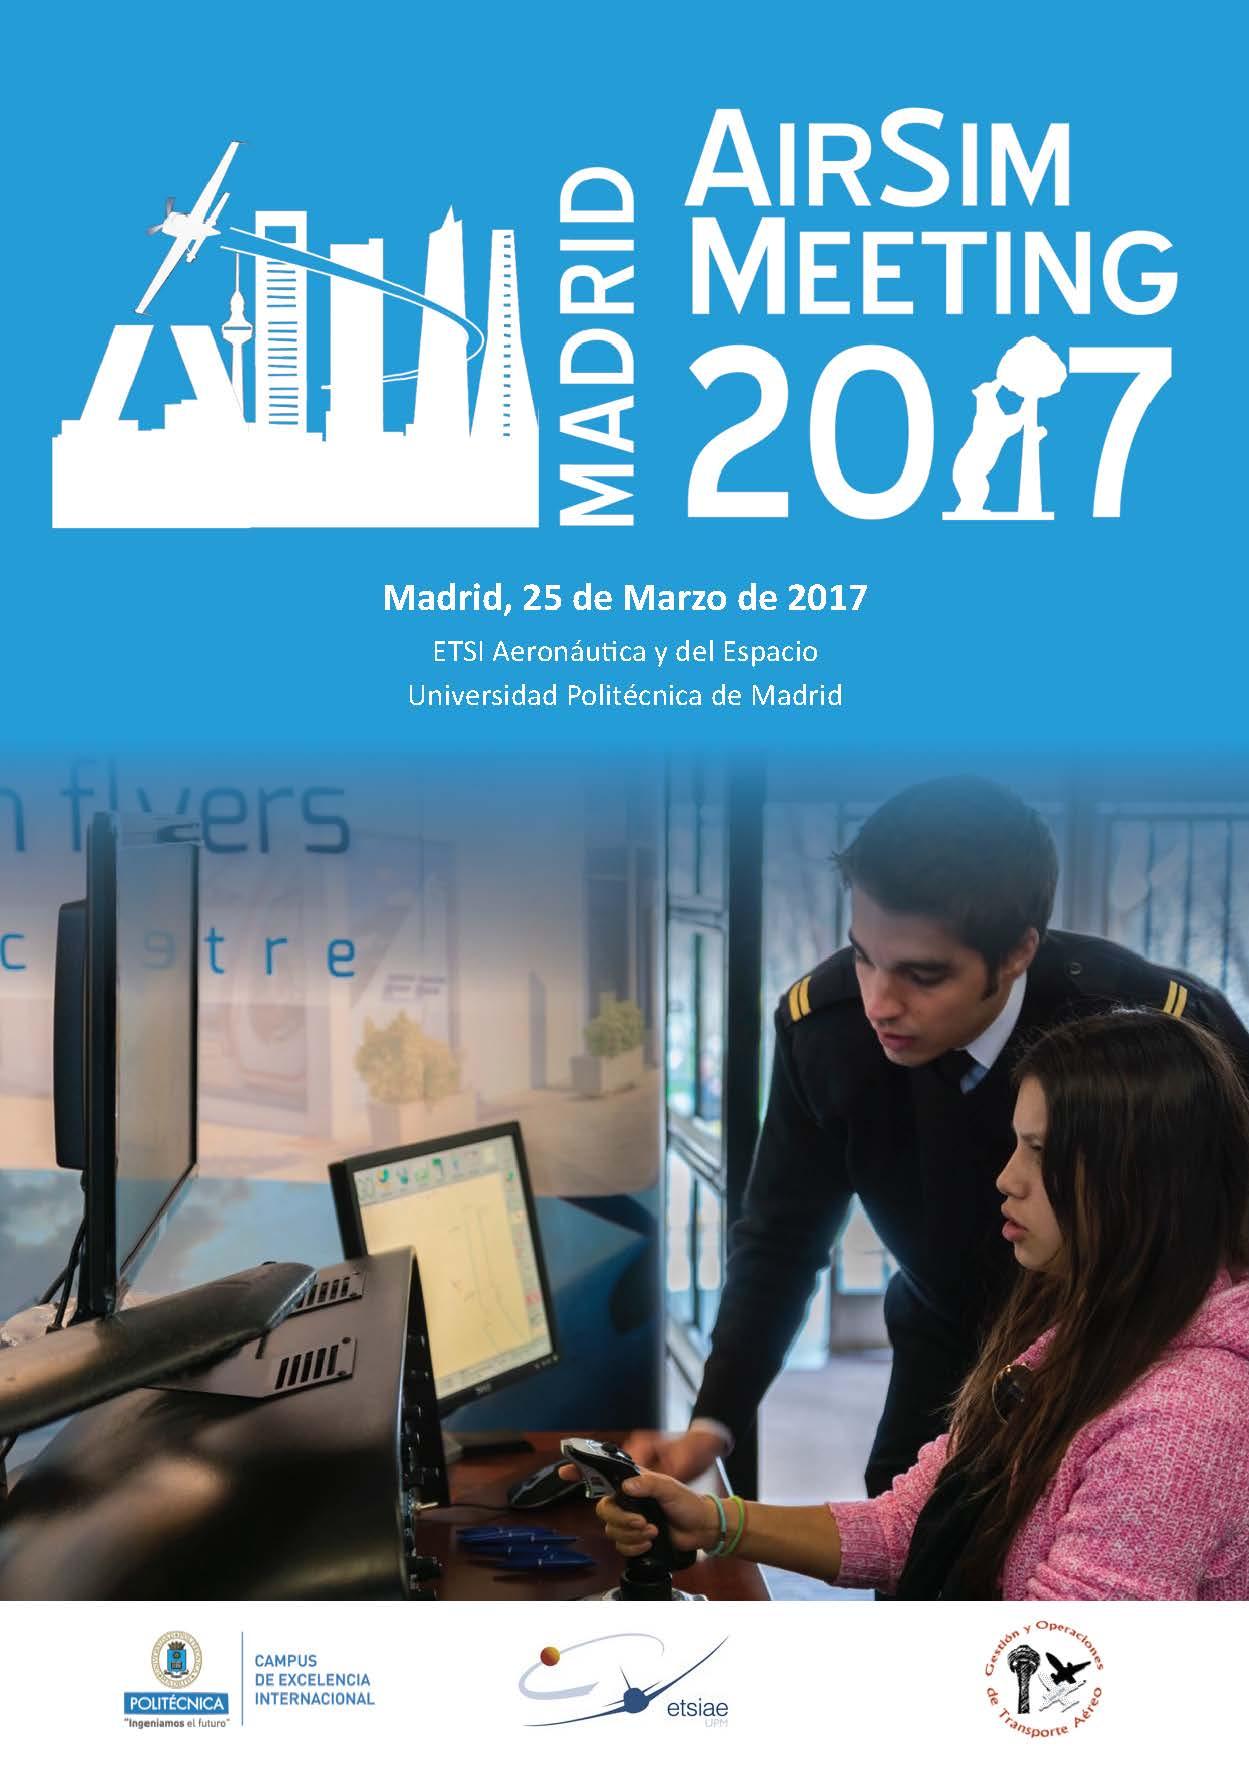 Exito de Madrid AirSim Meeting 2017